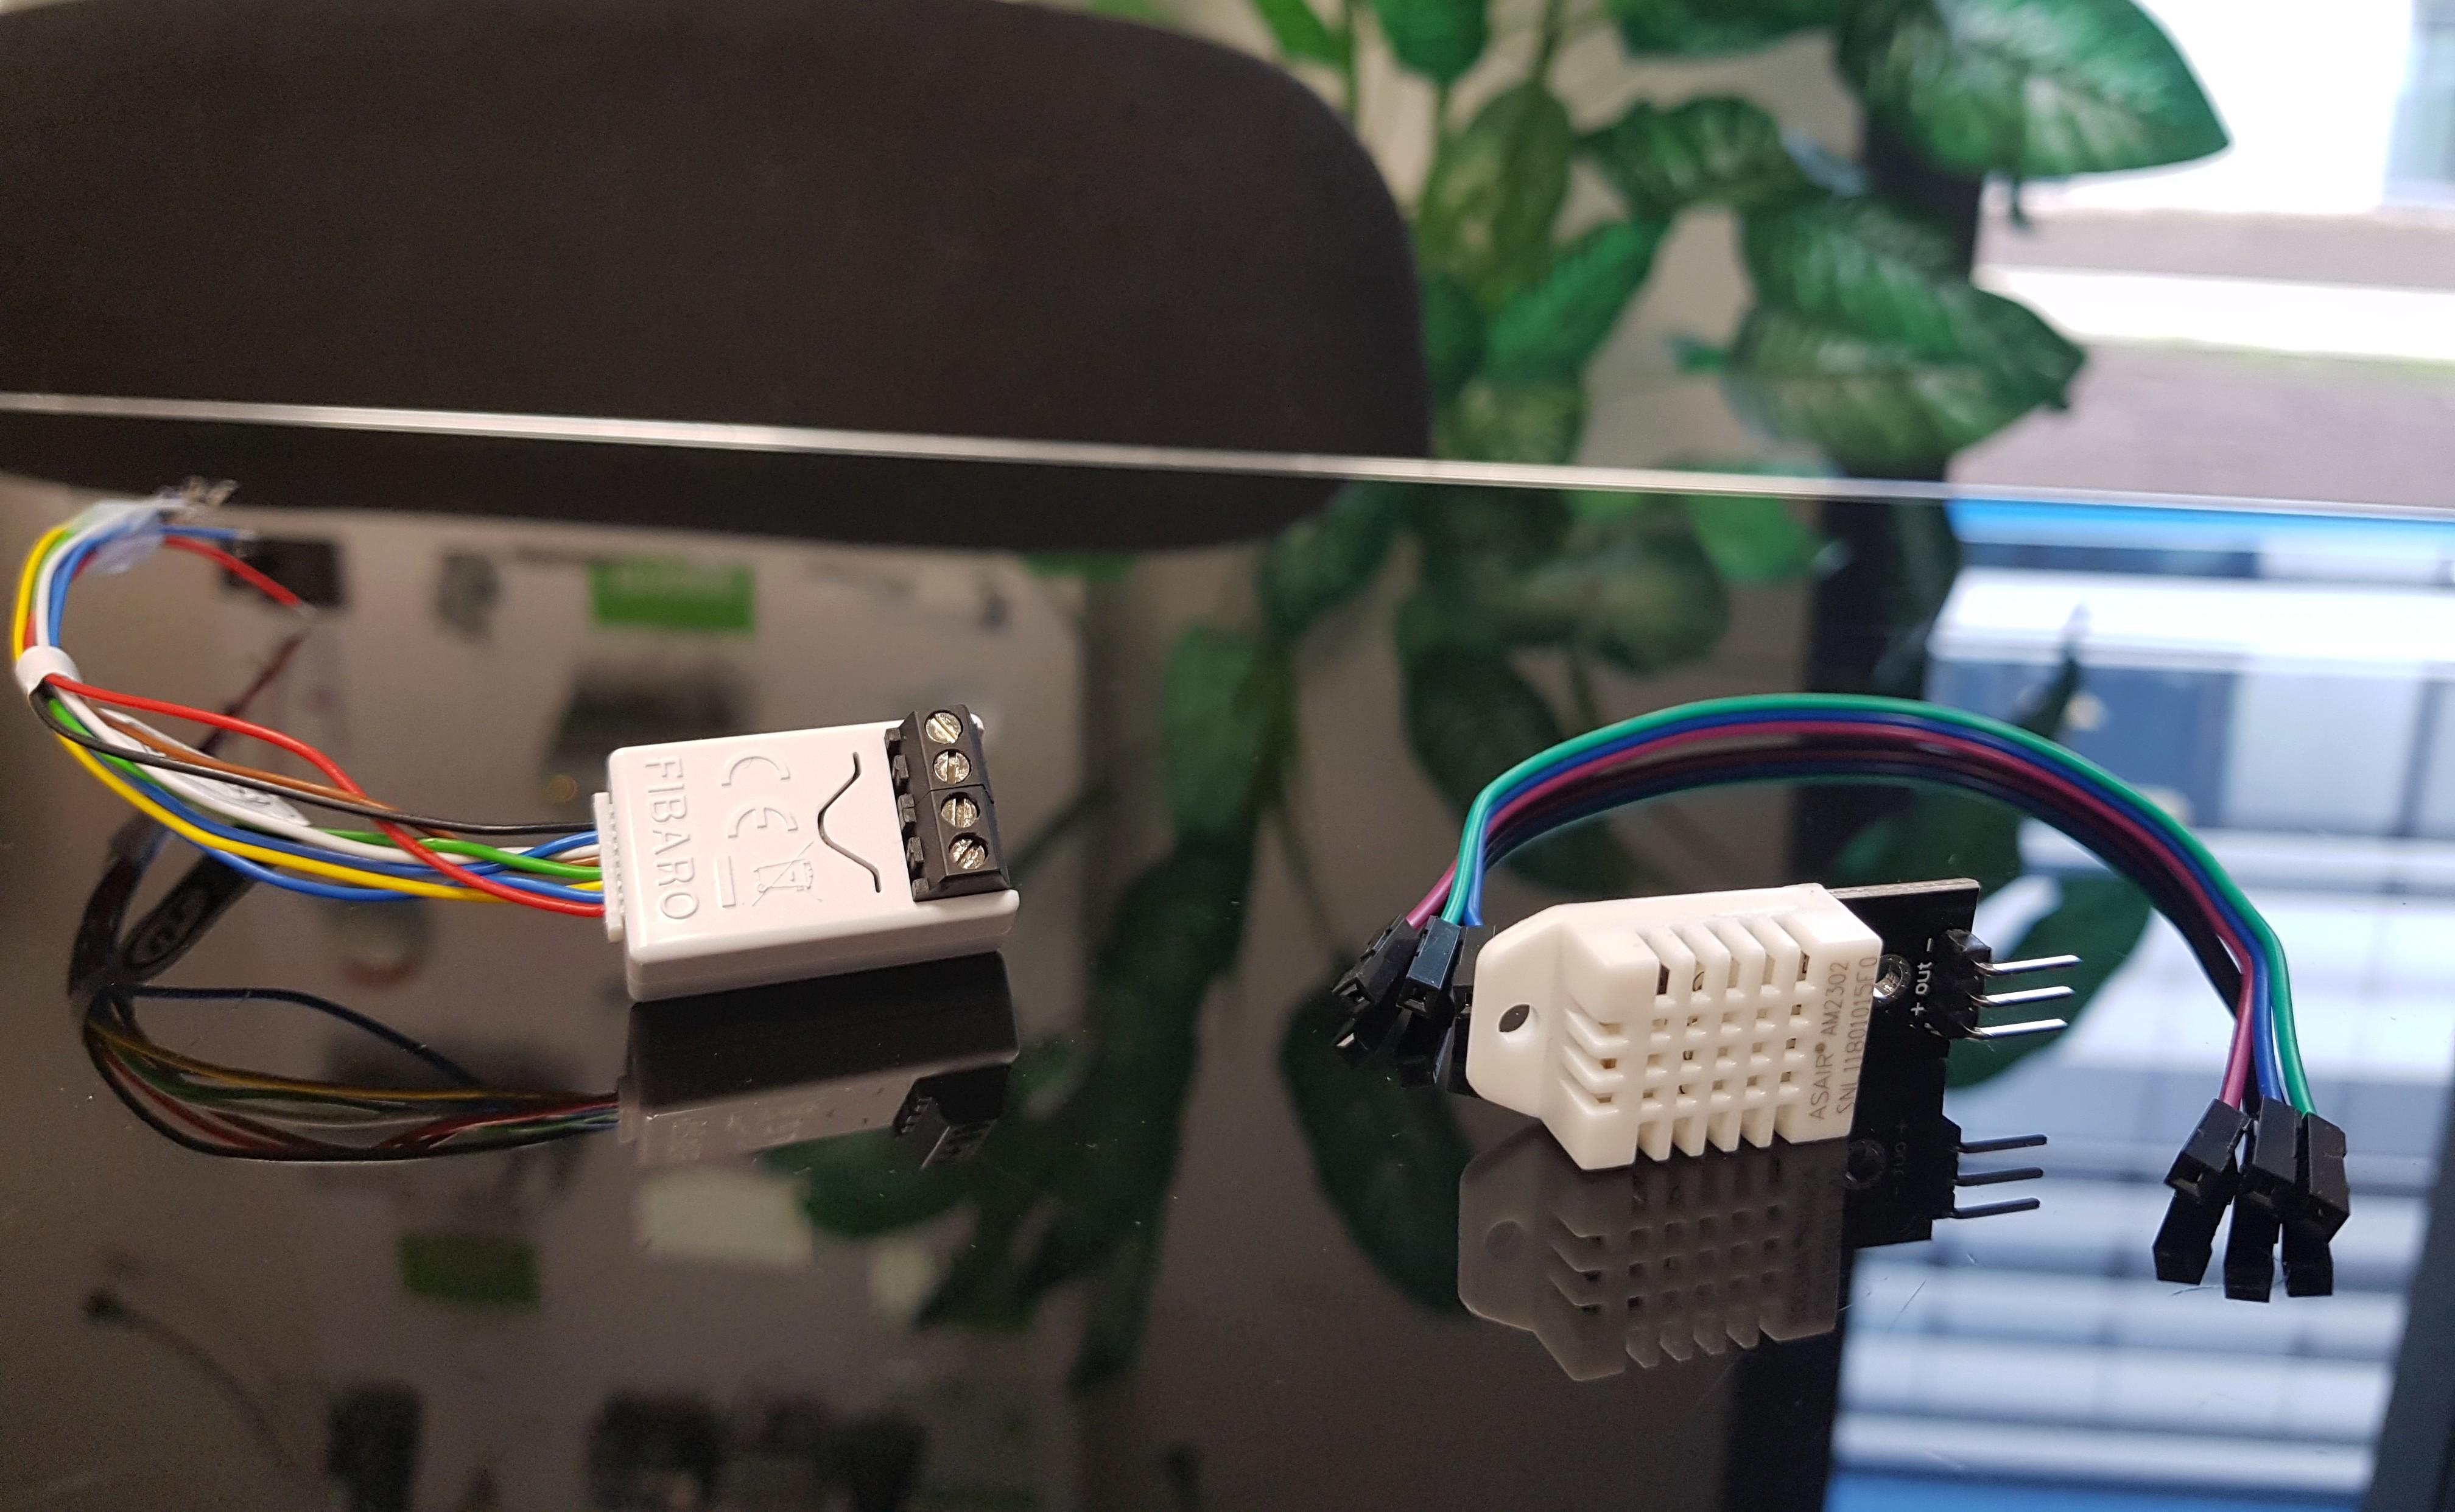 Ajoutez de l'intelligence à votre dispositif électrique grâce au Smart Implant de Fibaro